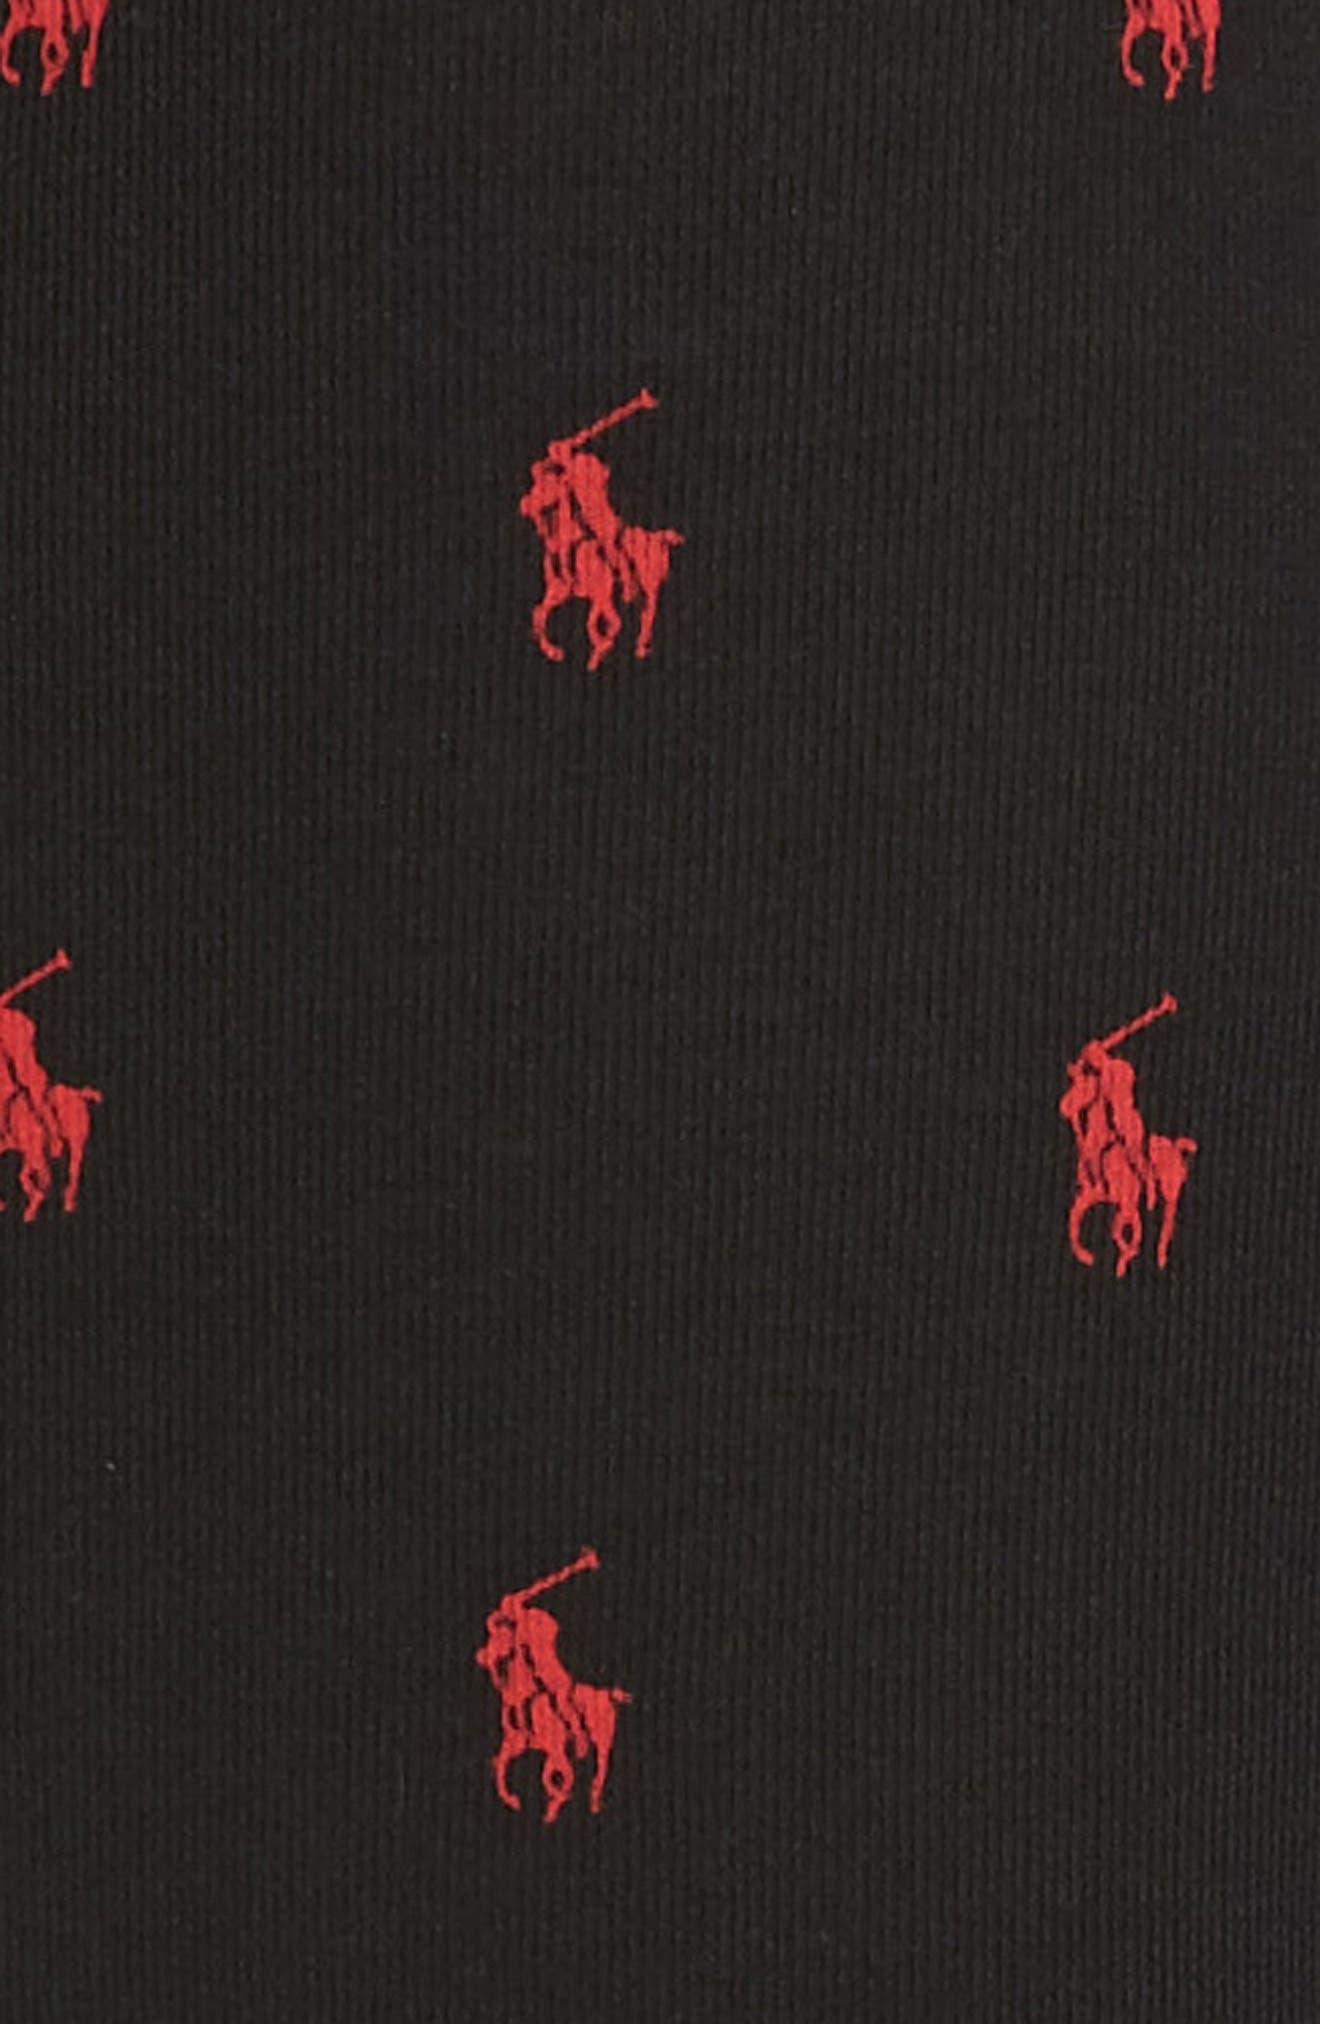 3-Pack Cotton Boxer Briefs,                             Alternate thumbnail 5, color,                             Black/ Black Stripe/ Red